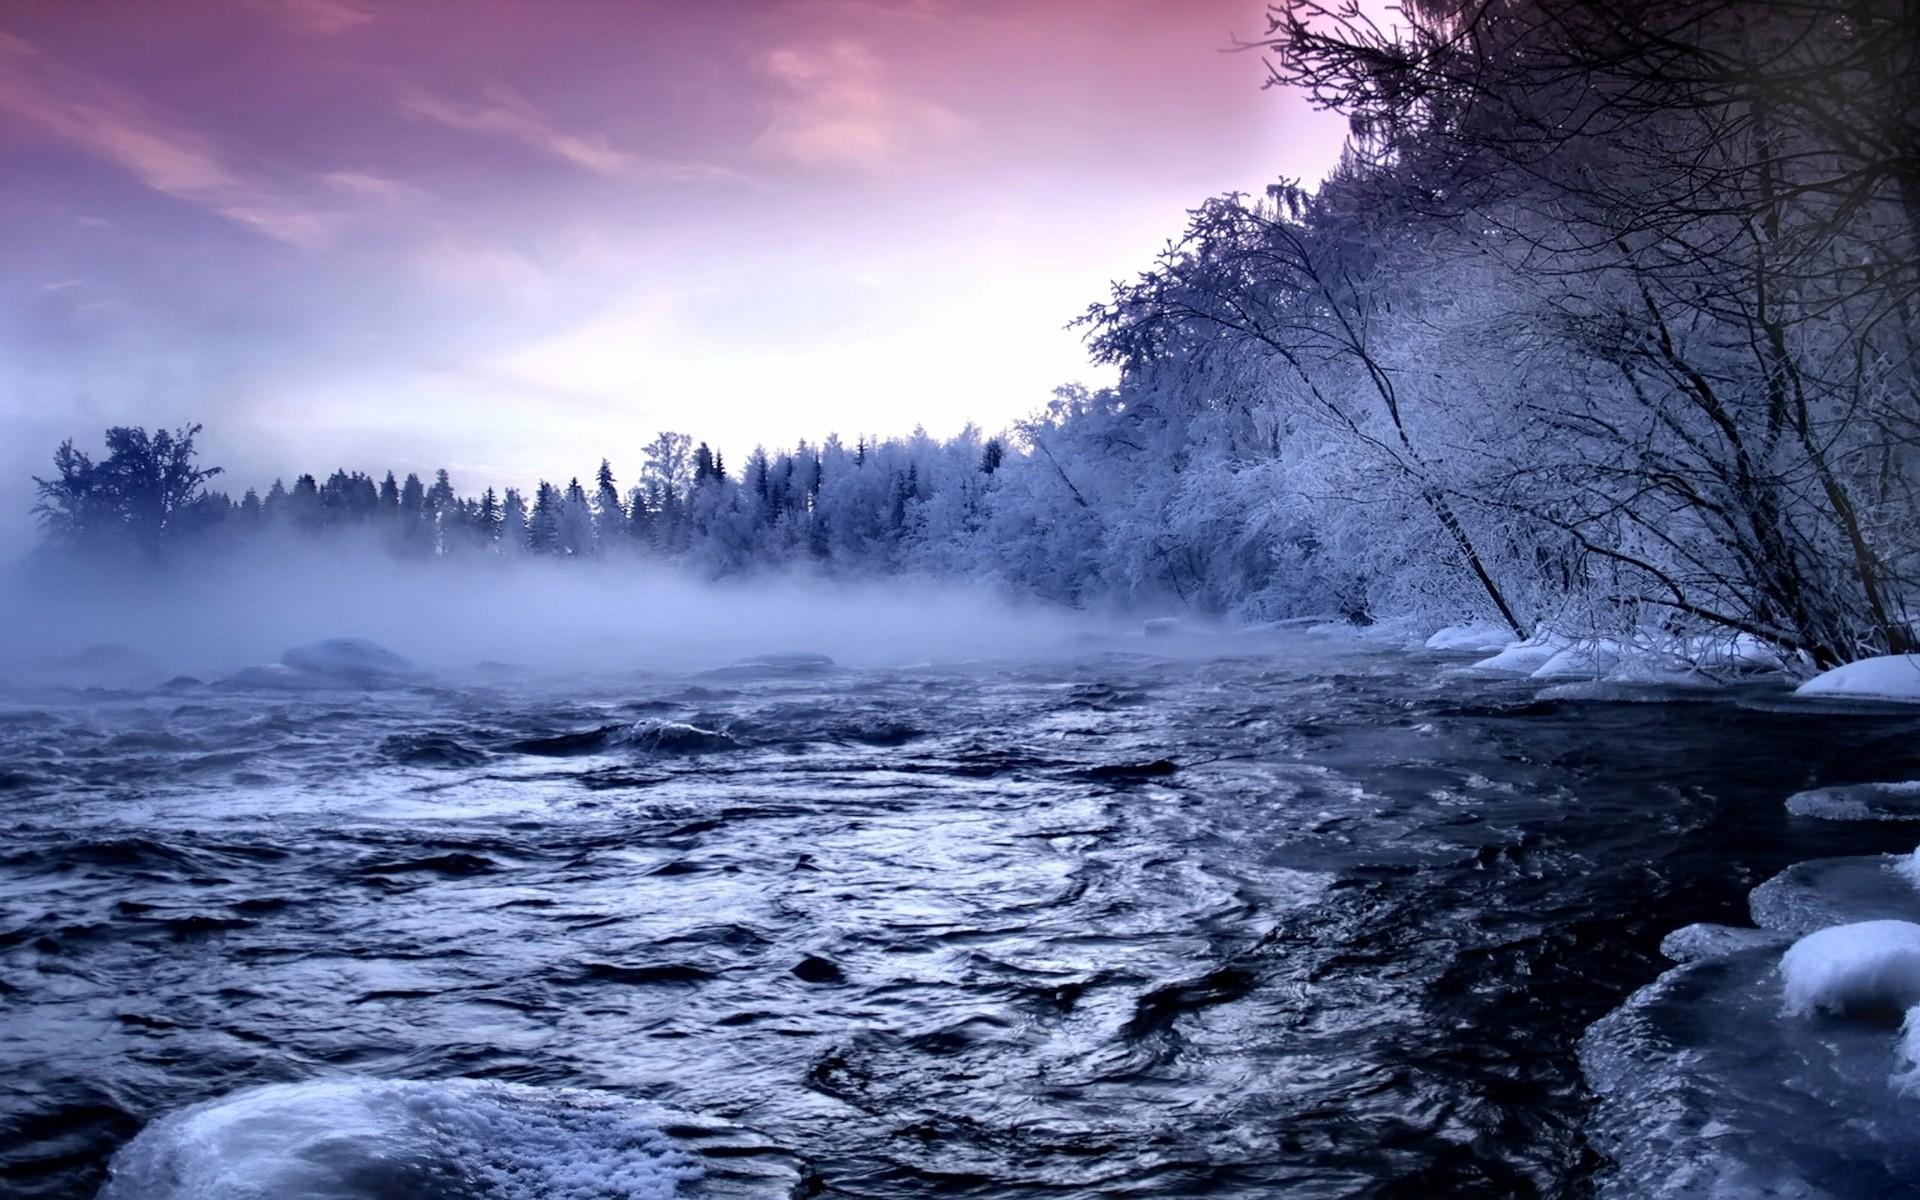 Free Microsoft Screensavers Winter Scene   Winter Scenes Scene ~ Beautiful  Winter Desktop Wallpaper, Free